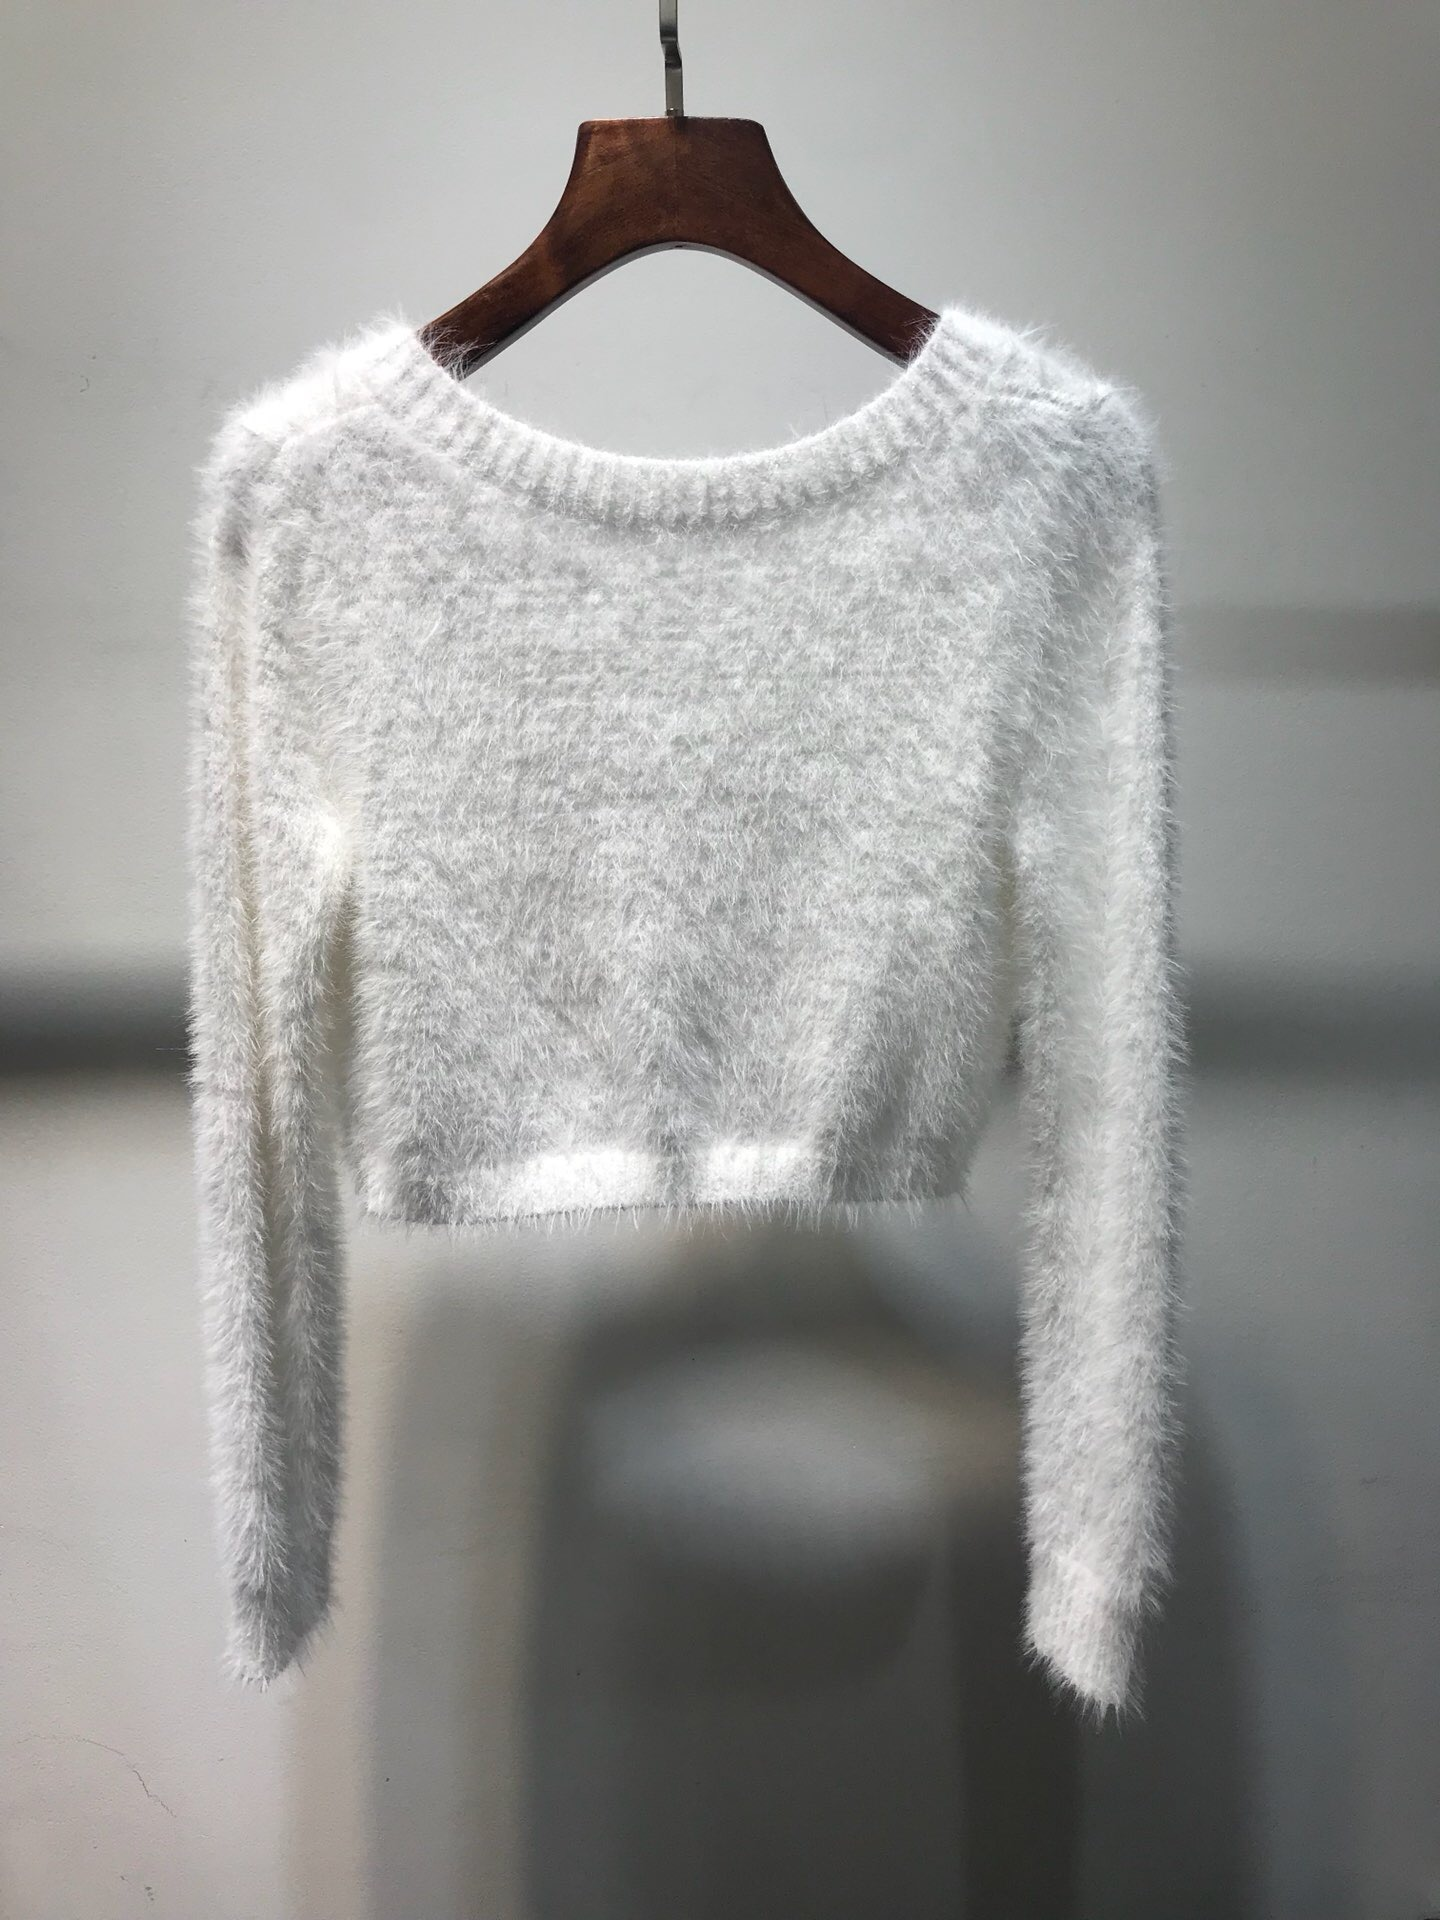 D'hiver 2 Couleurs 2019 Black white Femmes Tailles 3 Vêtements Nouveau Chandail xYE7qwUO